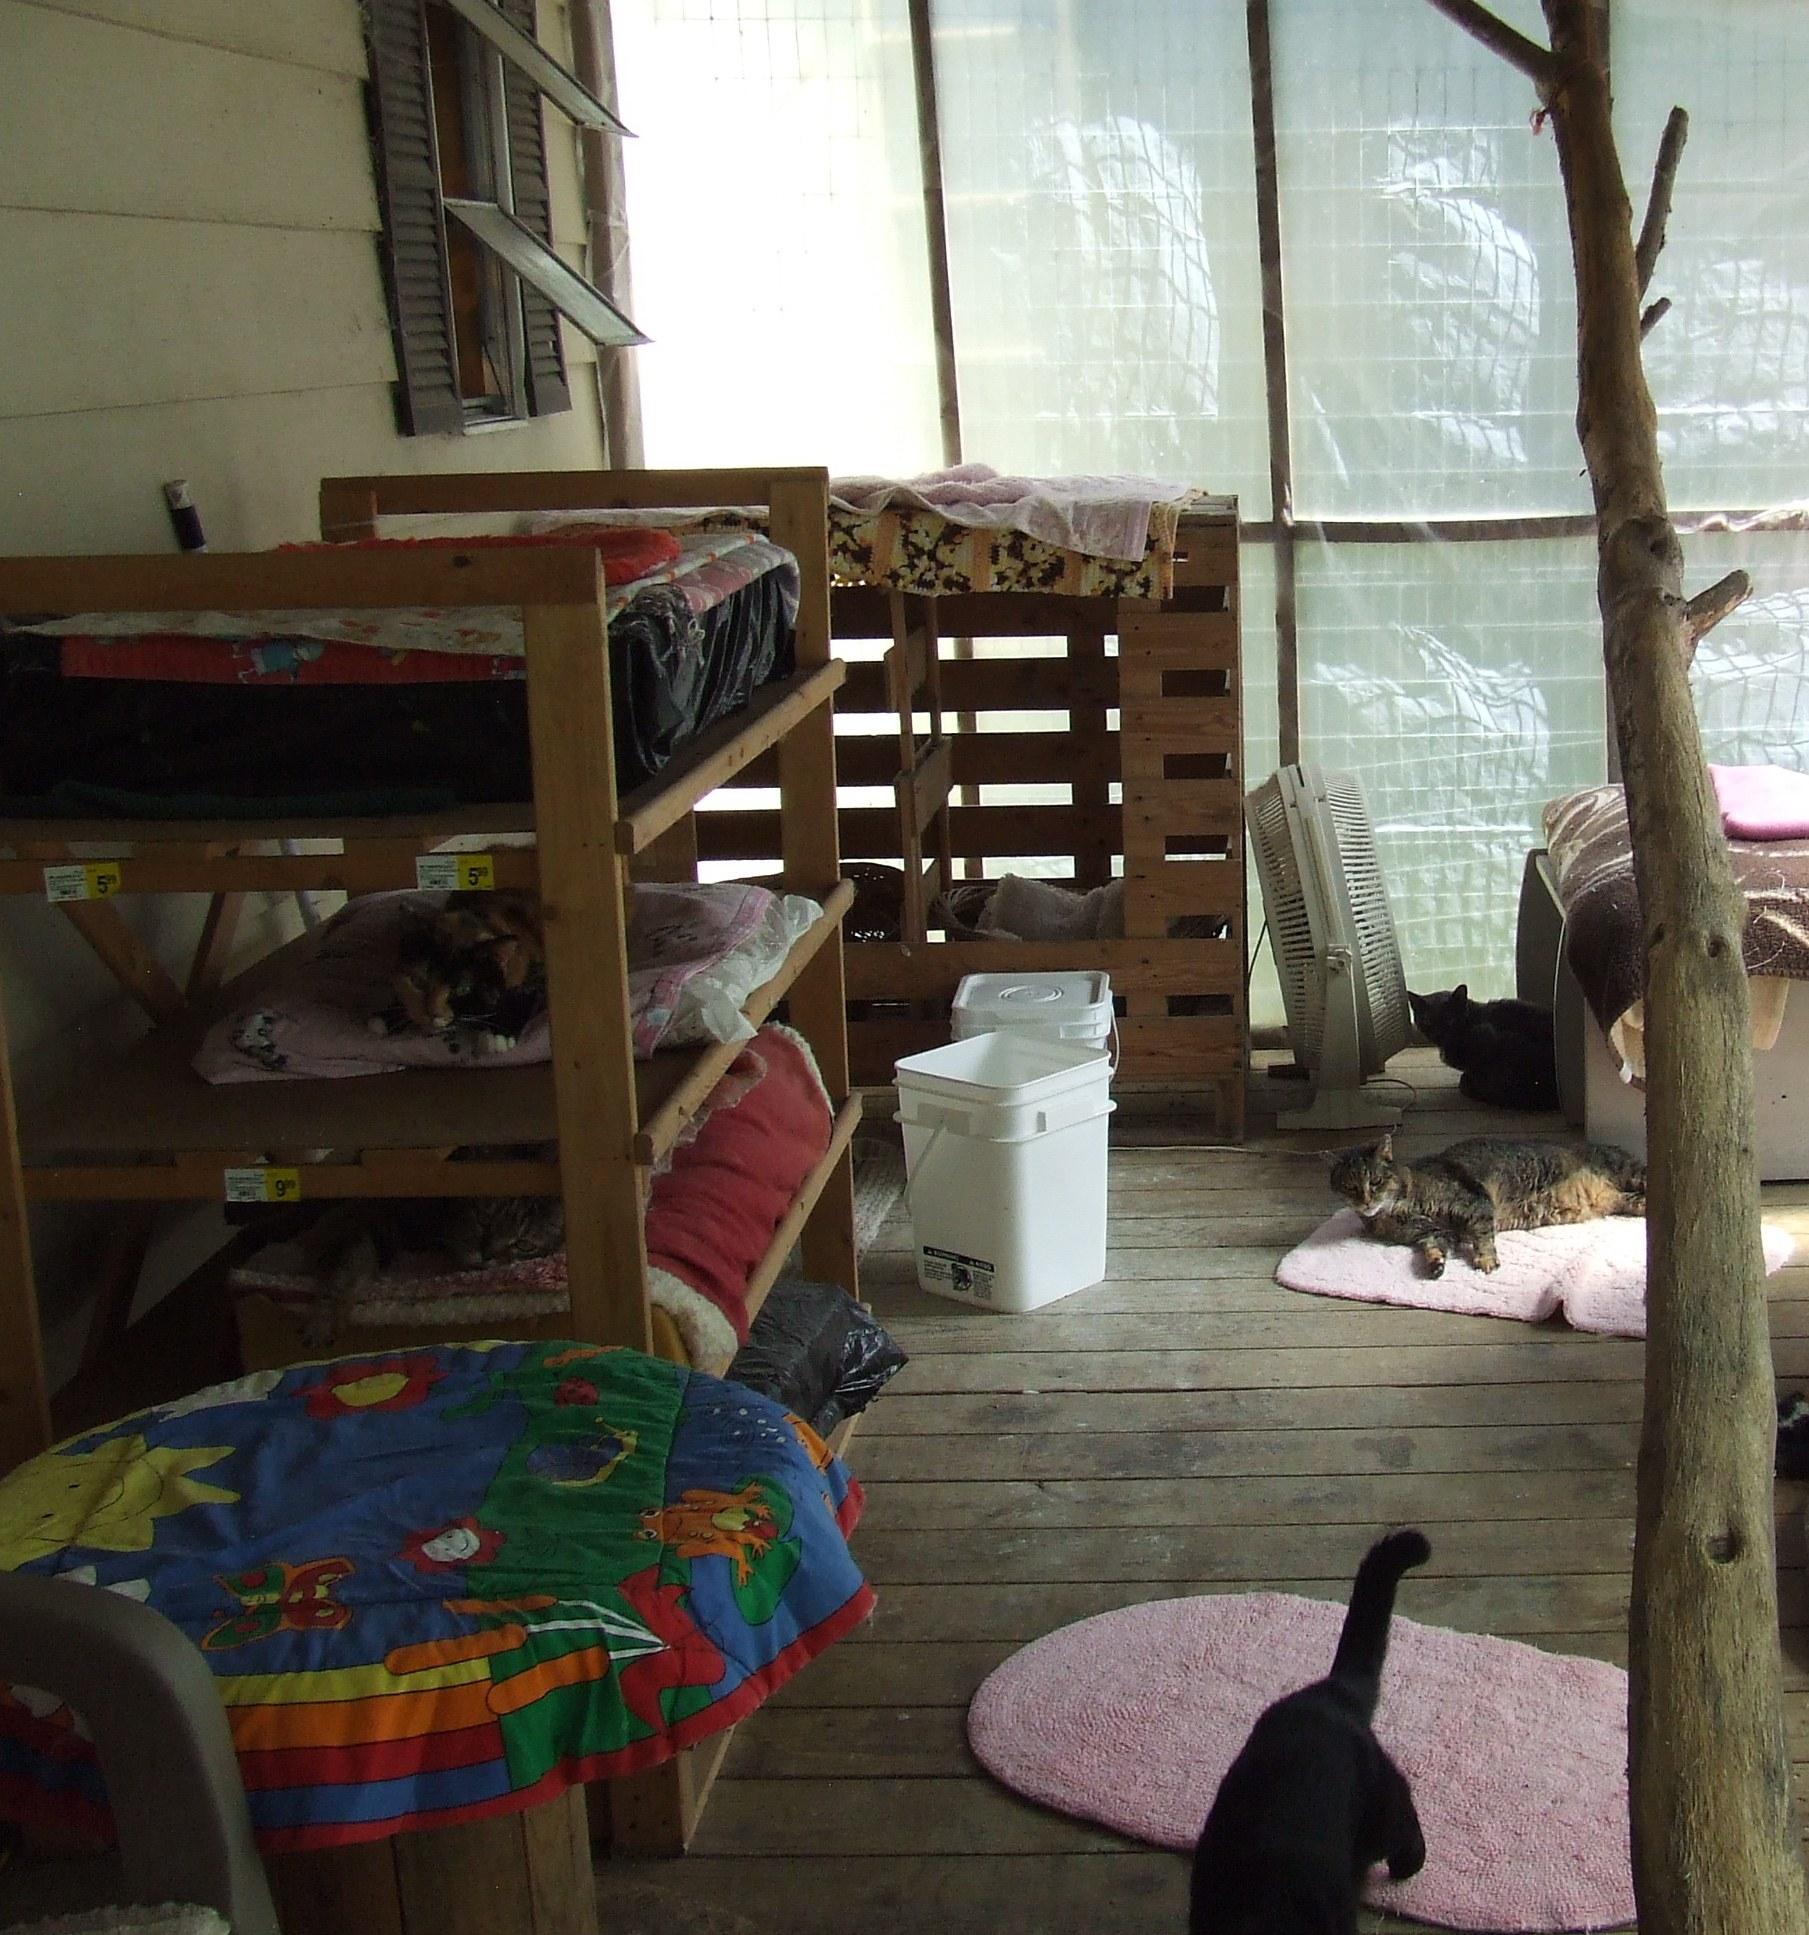 Catroom at Catnip Sanctuary